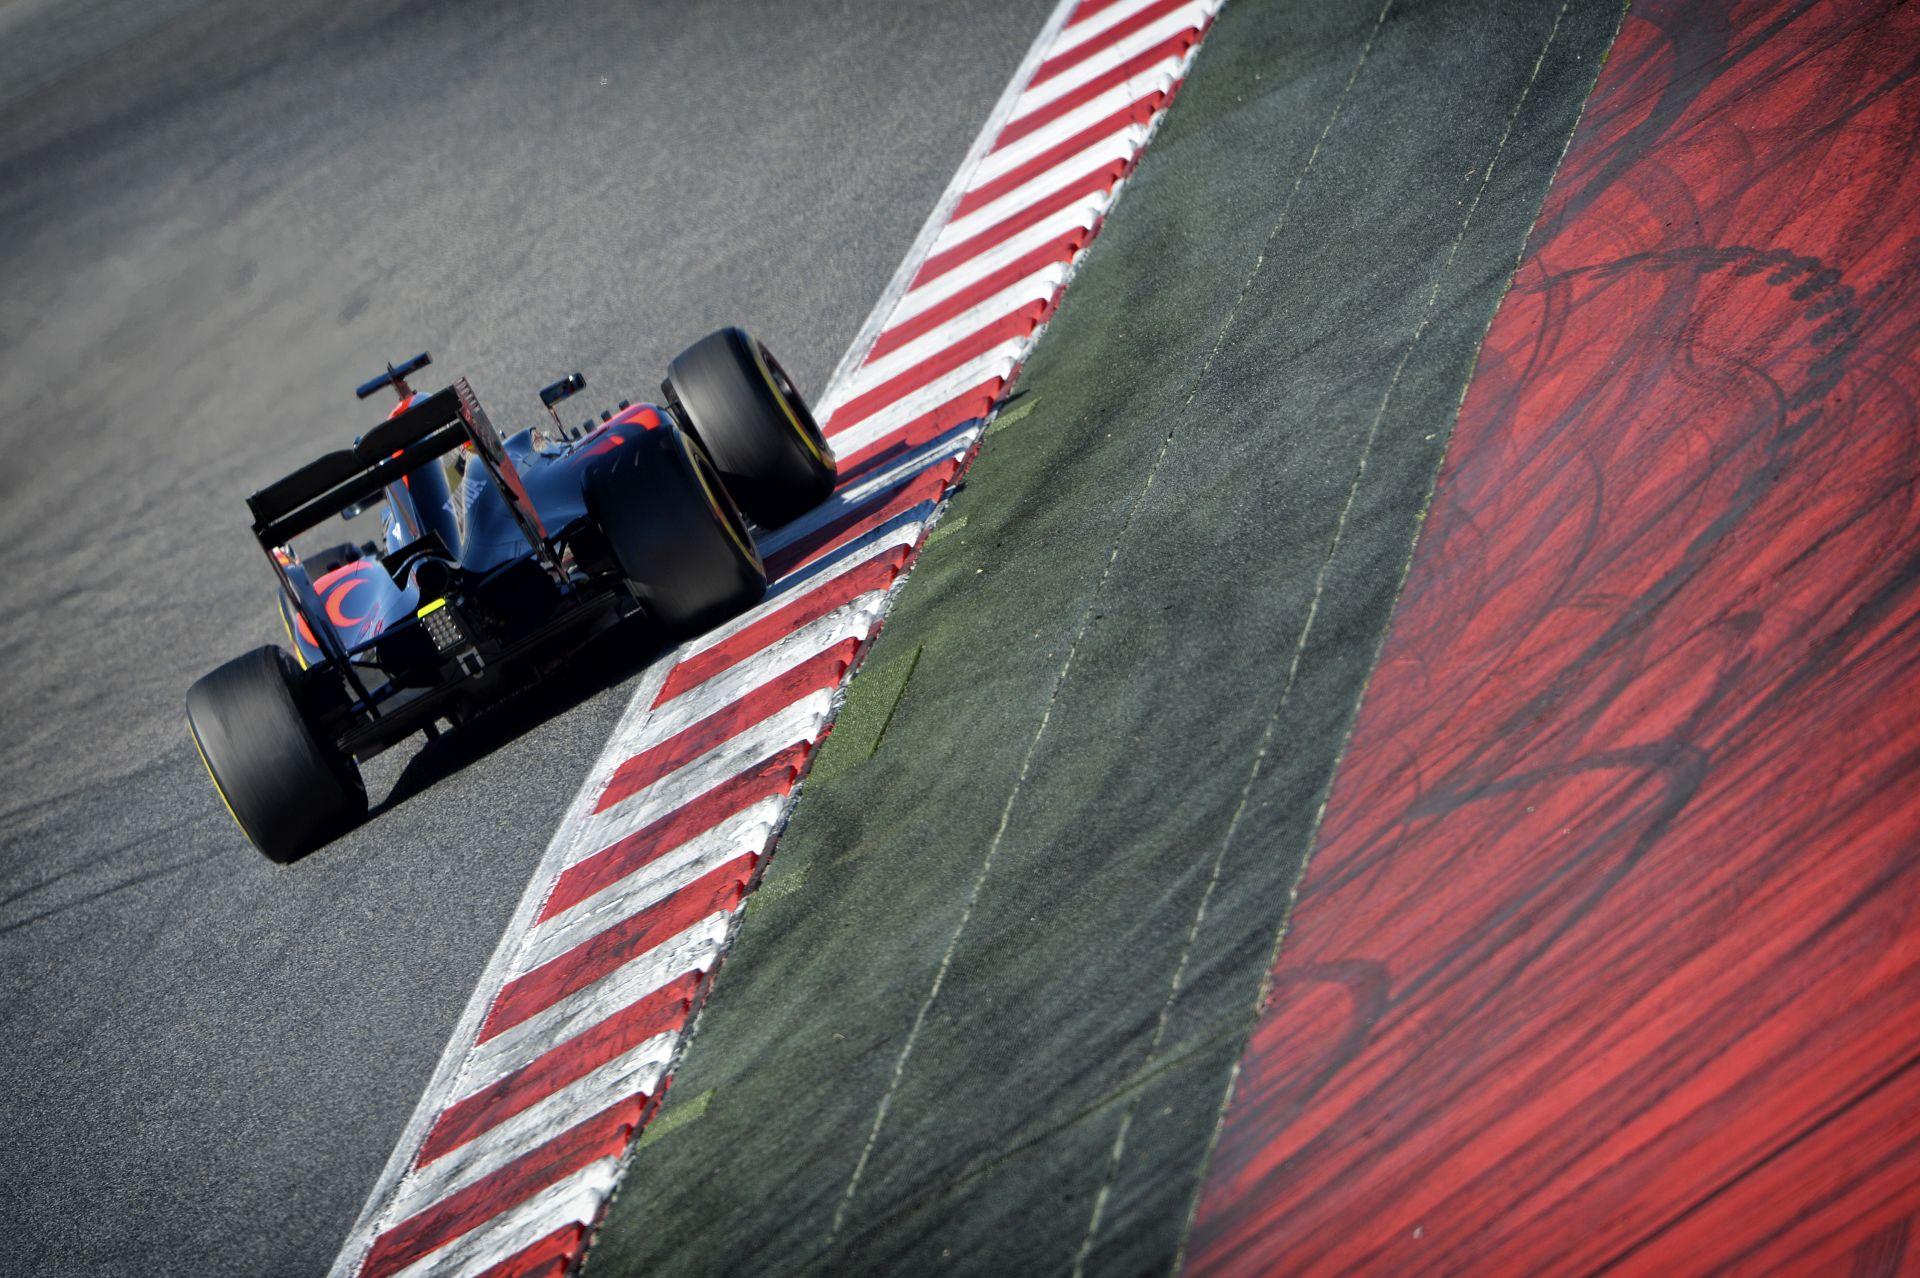 Elégedettek a McLarennél, eddig hozzák a várt számokat